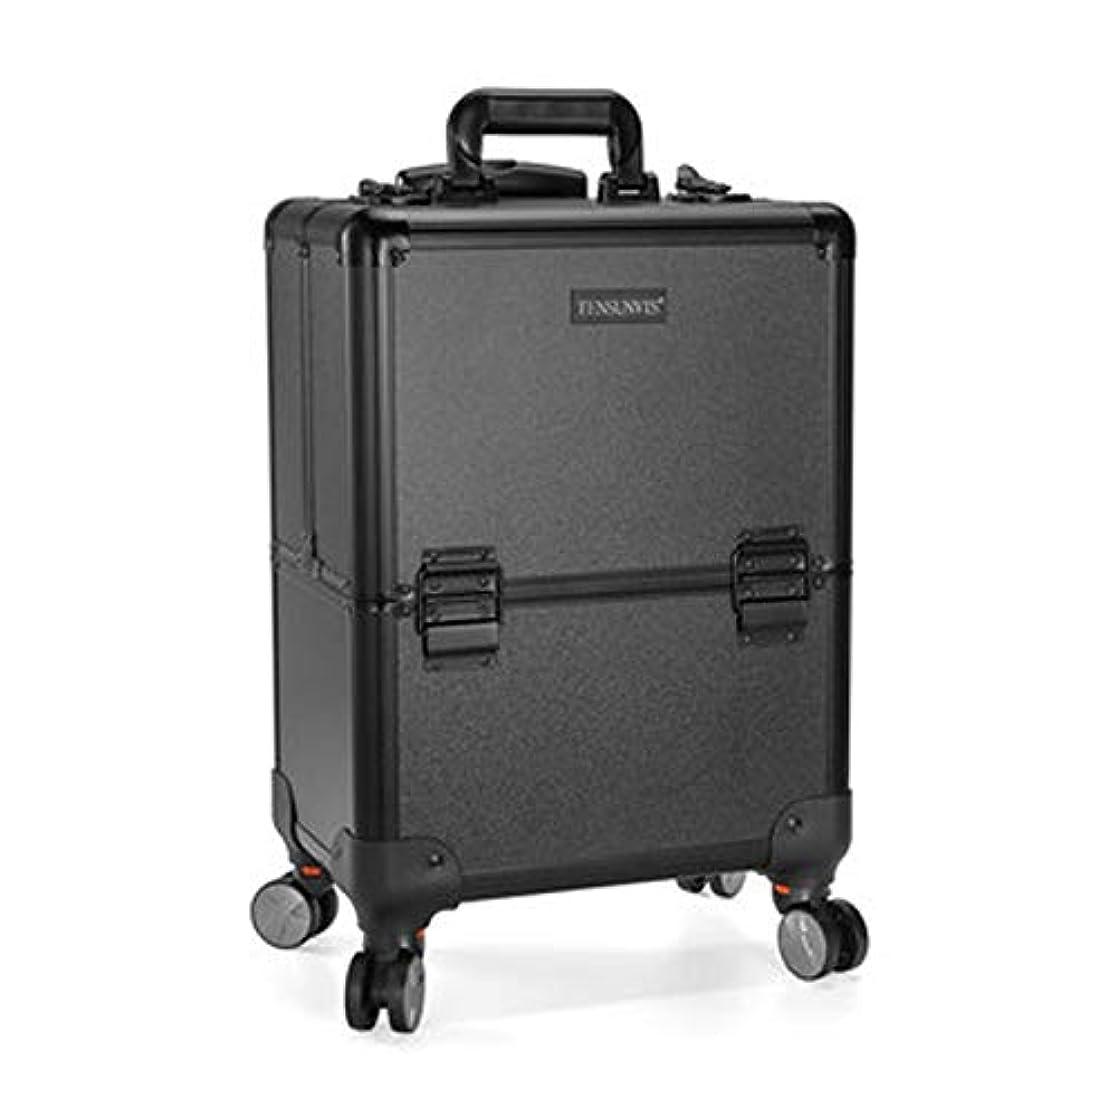 南アメリカ奨学金追加プロ専用 美容師 クローゼット スーツケース メイクボックス キャリーバッグ ヘアメイク プロ 大容量 軽量 高品質 多機能 I-TT-317T-B